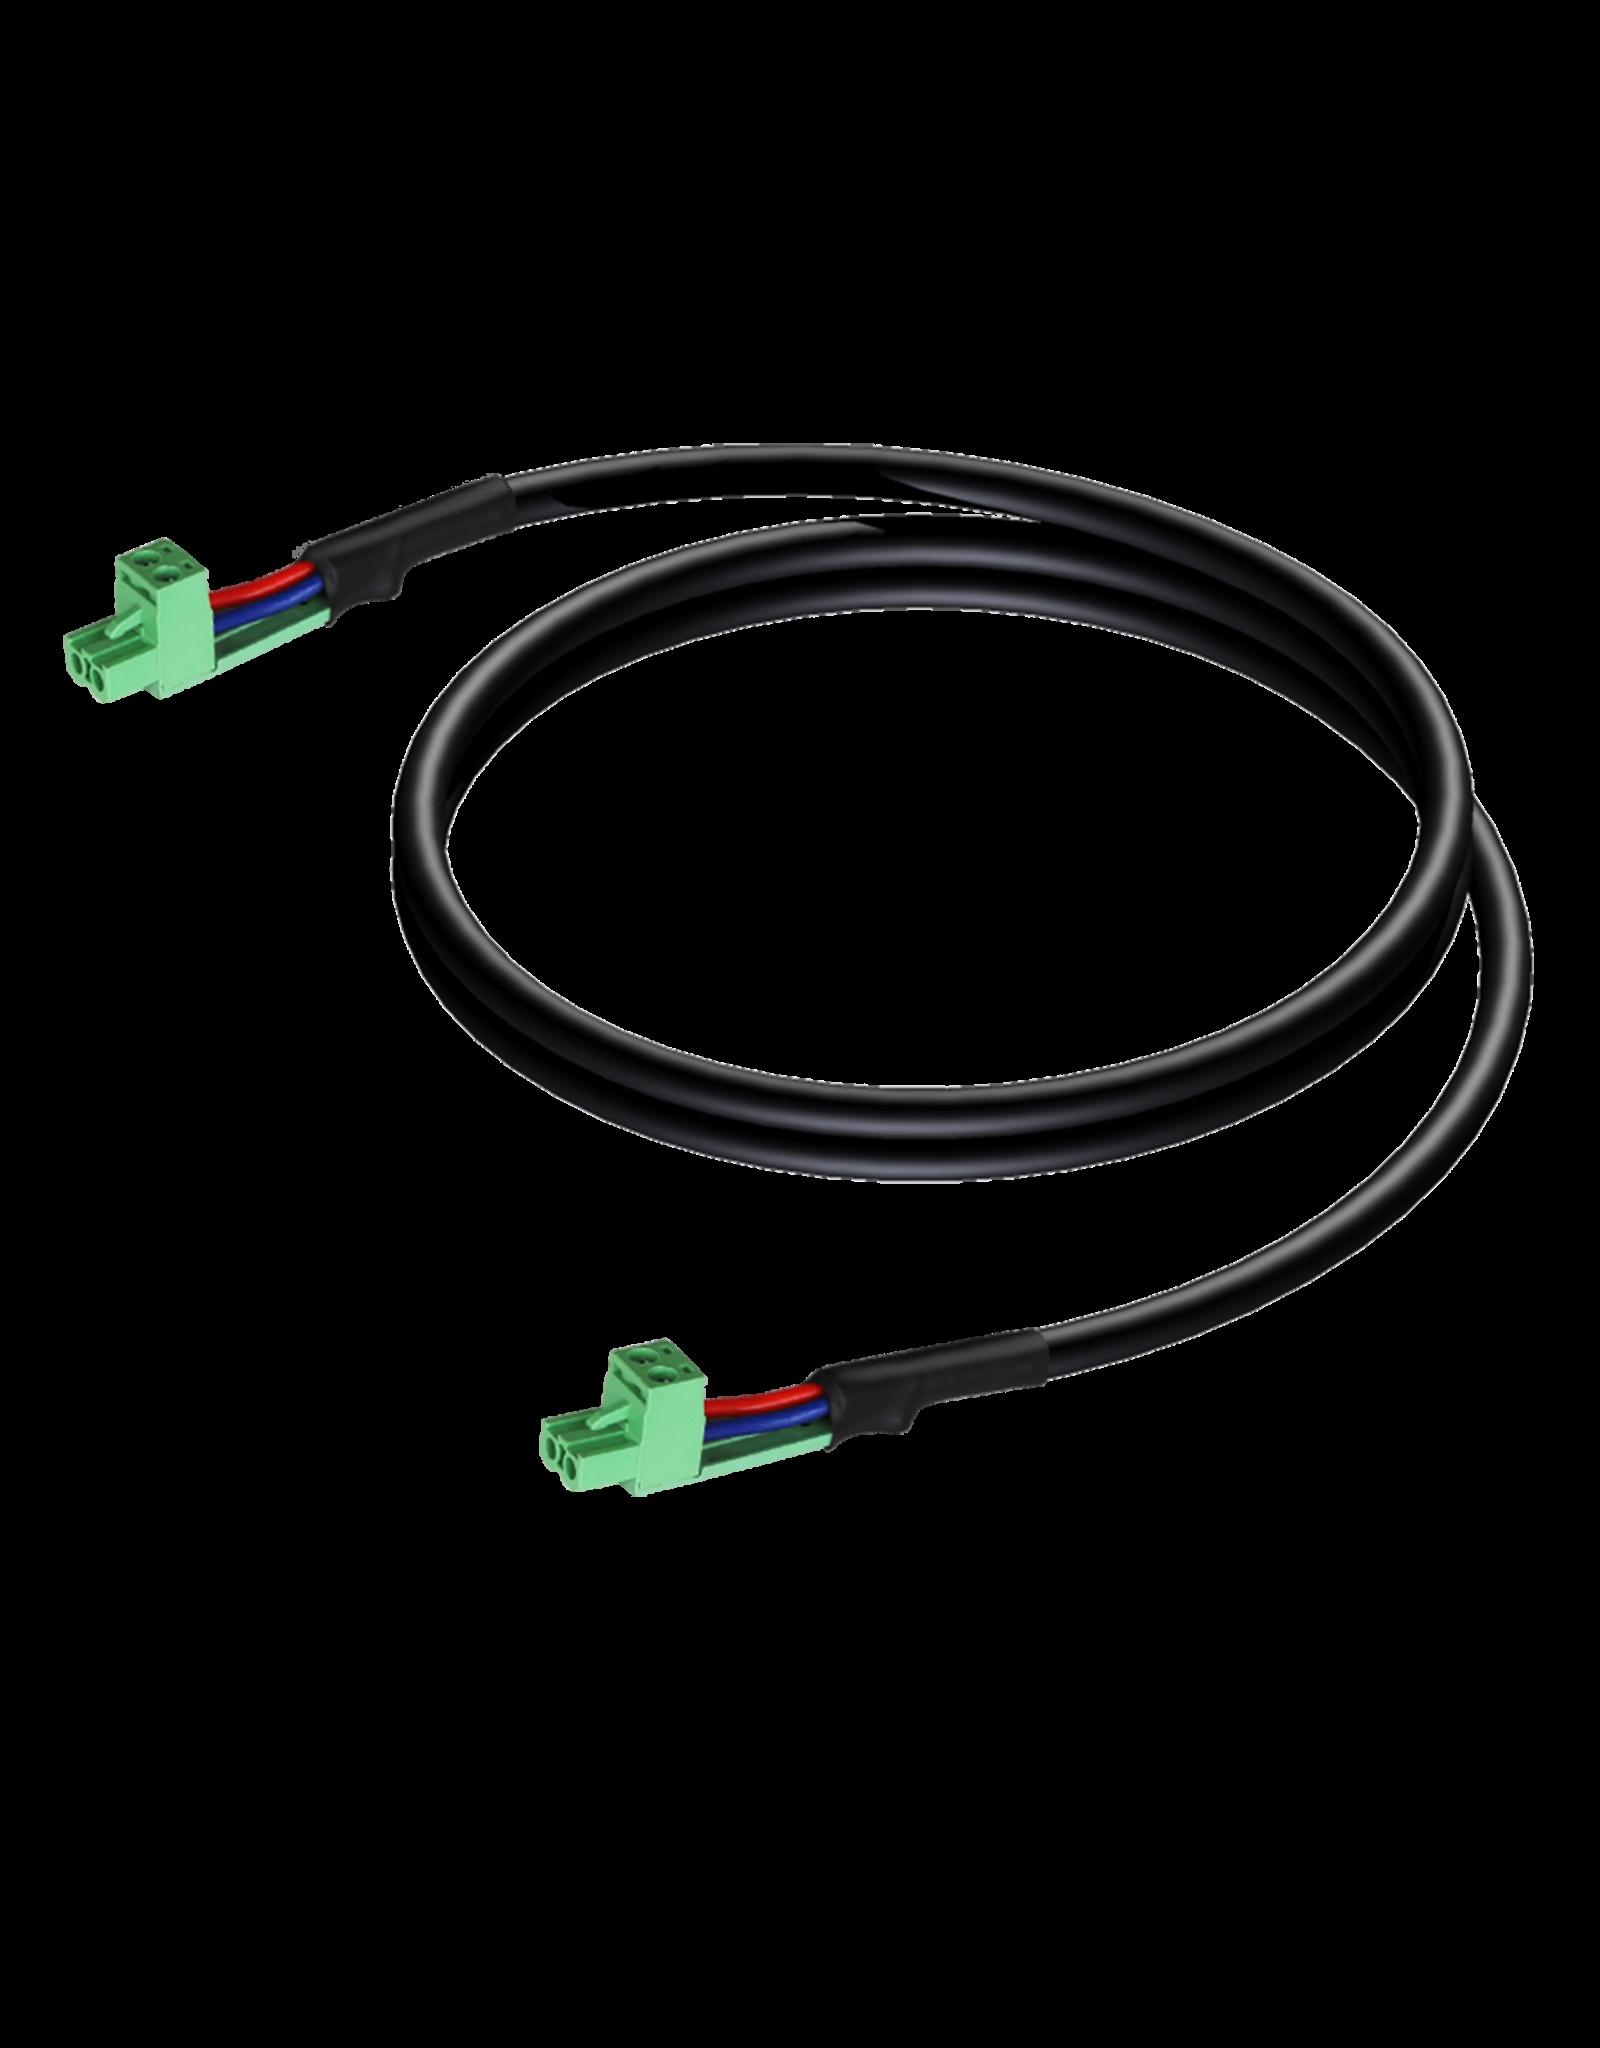 Audac Loudspeaker cable - terminal block - terminal block (2p - 5.08mm) 1 meter